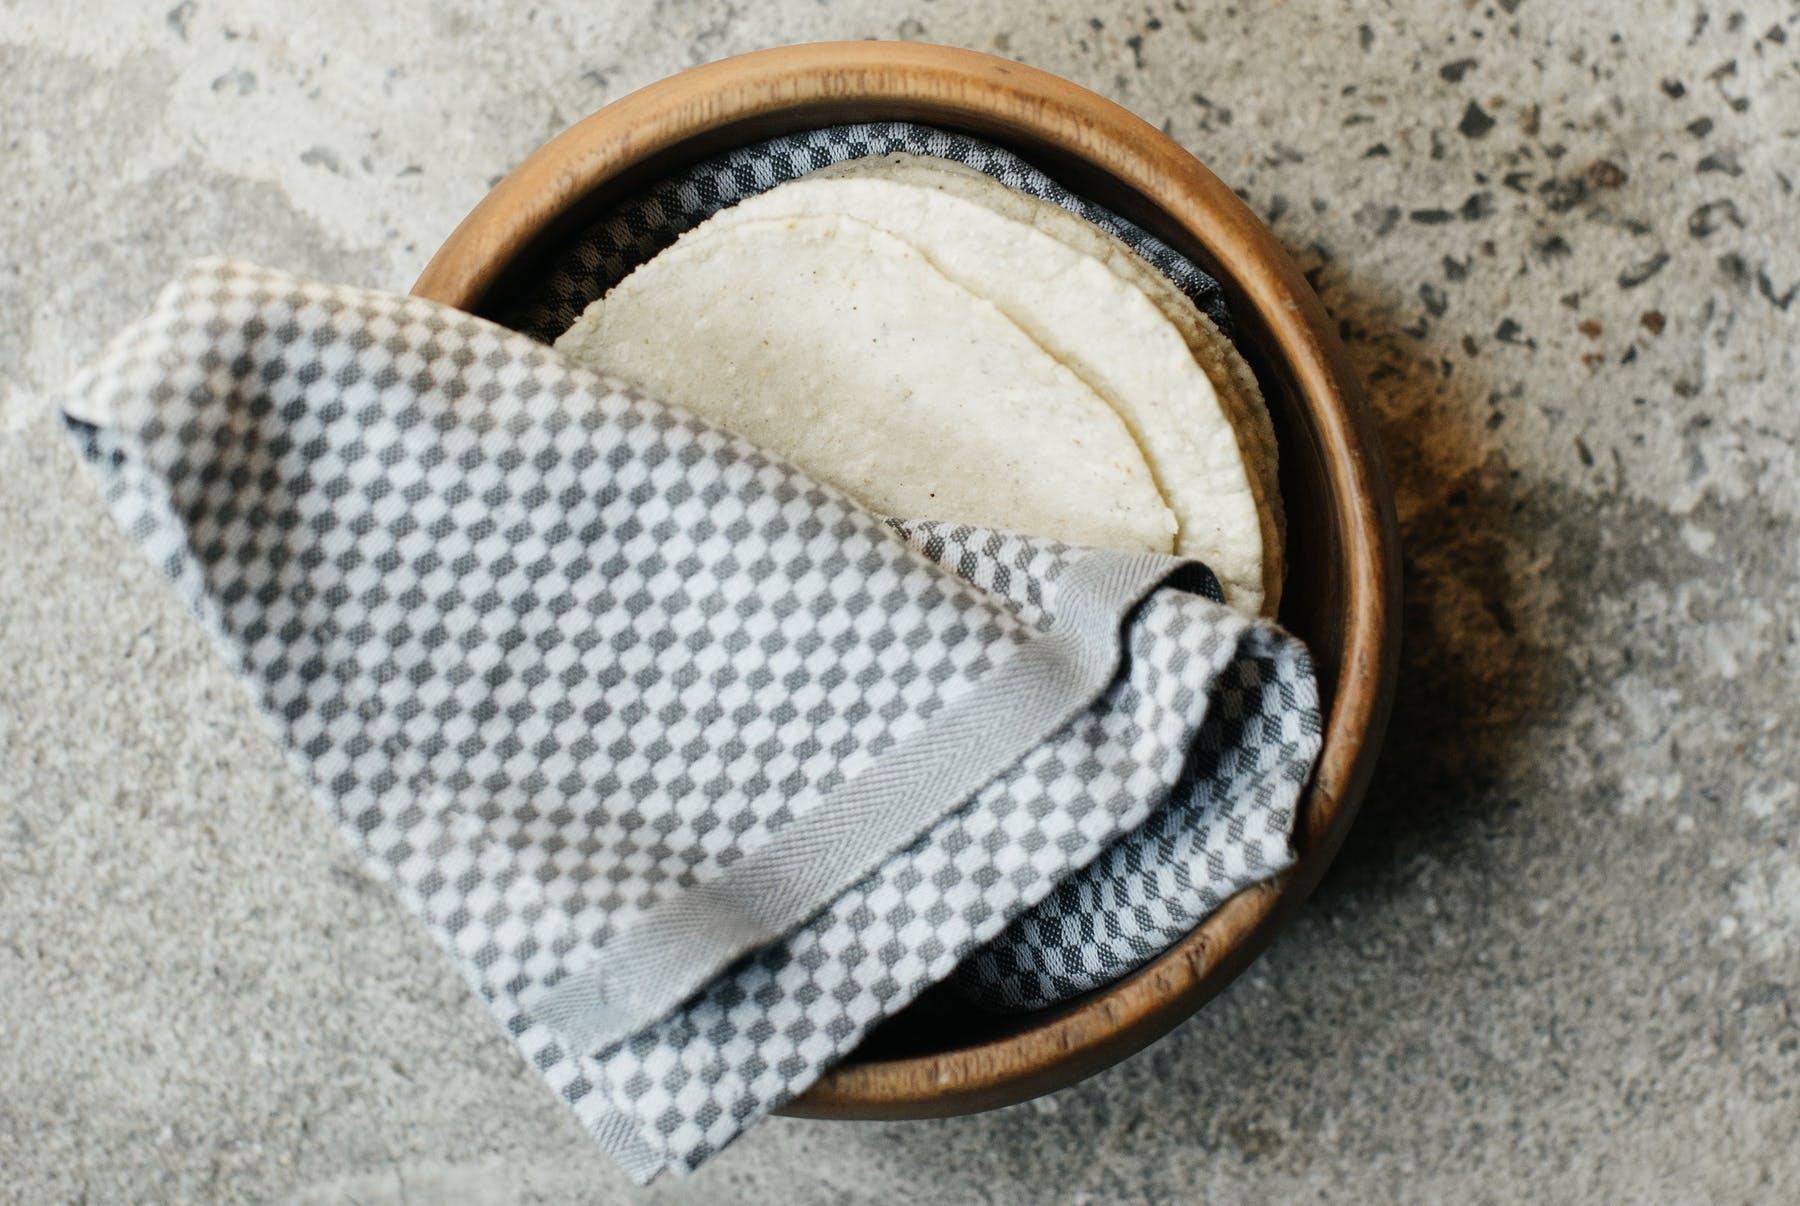 Platillos con origen en Latinoamérica pueden ser realizados con estos ingredientes, como esta pila de tortillas de harina (cosmenyc.com)